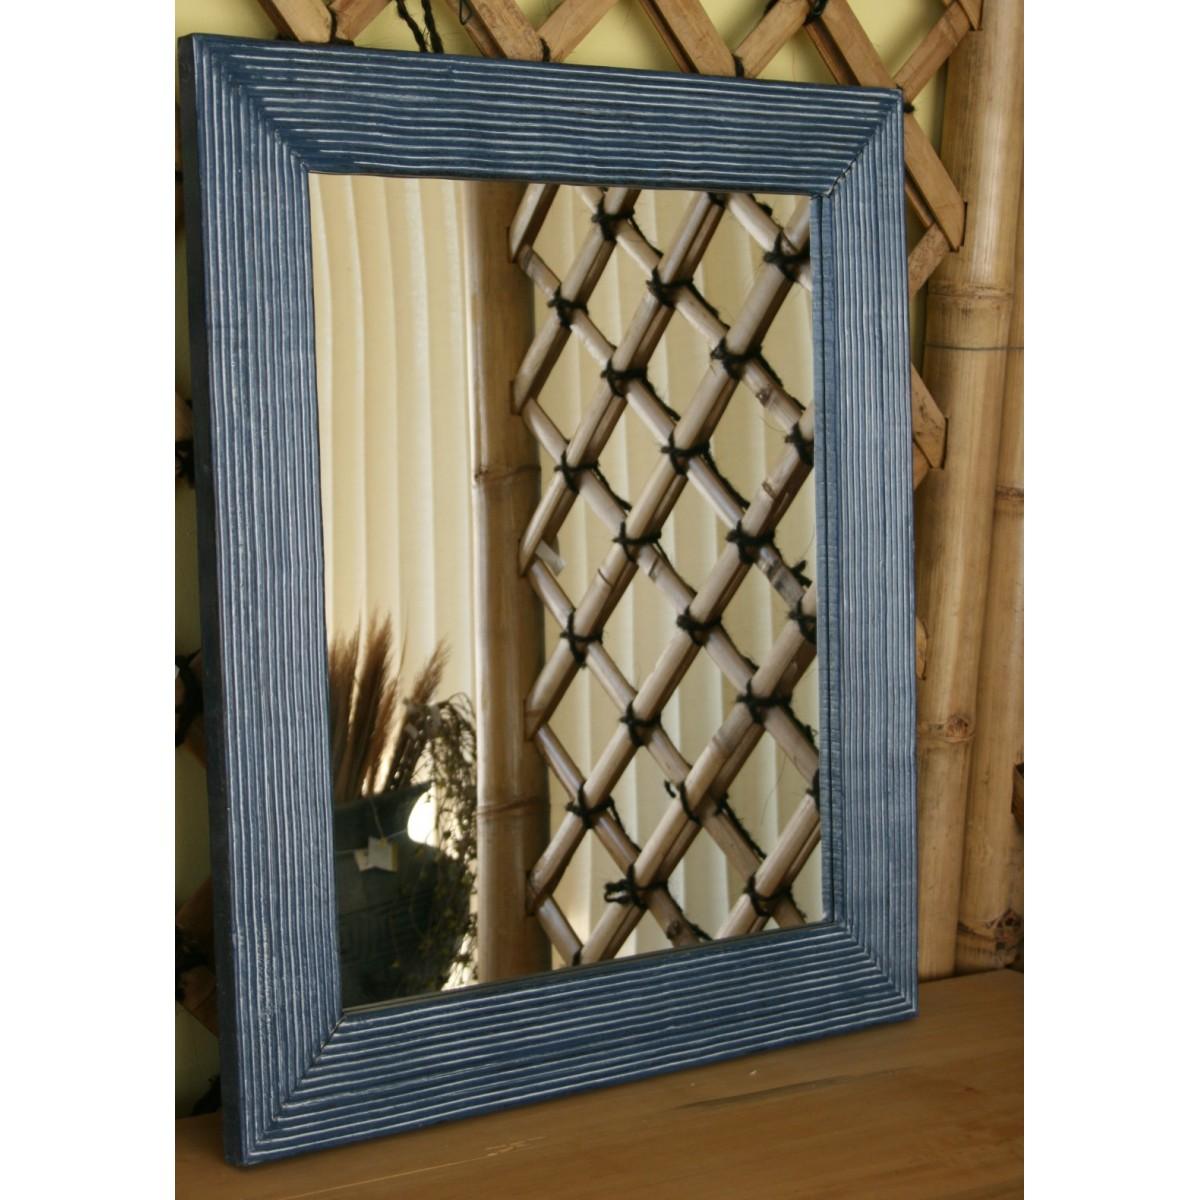 Specchio con cornice in legno di colore blu